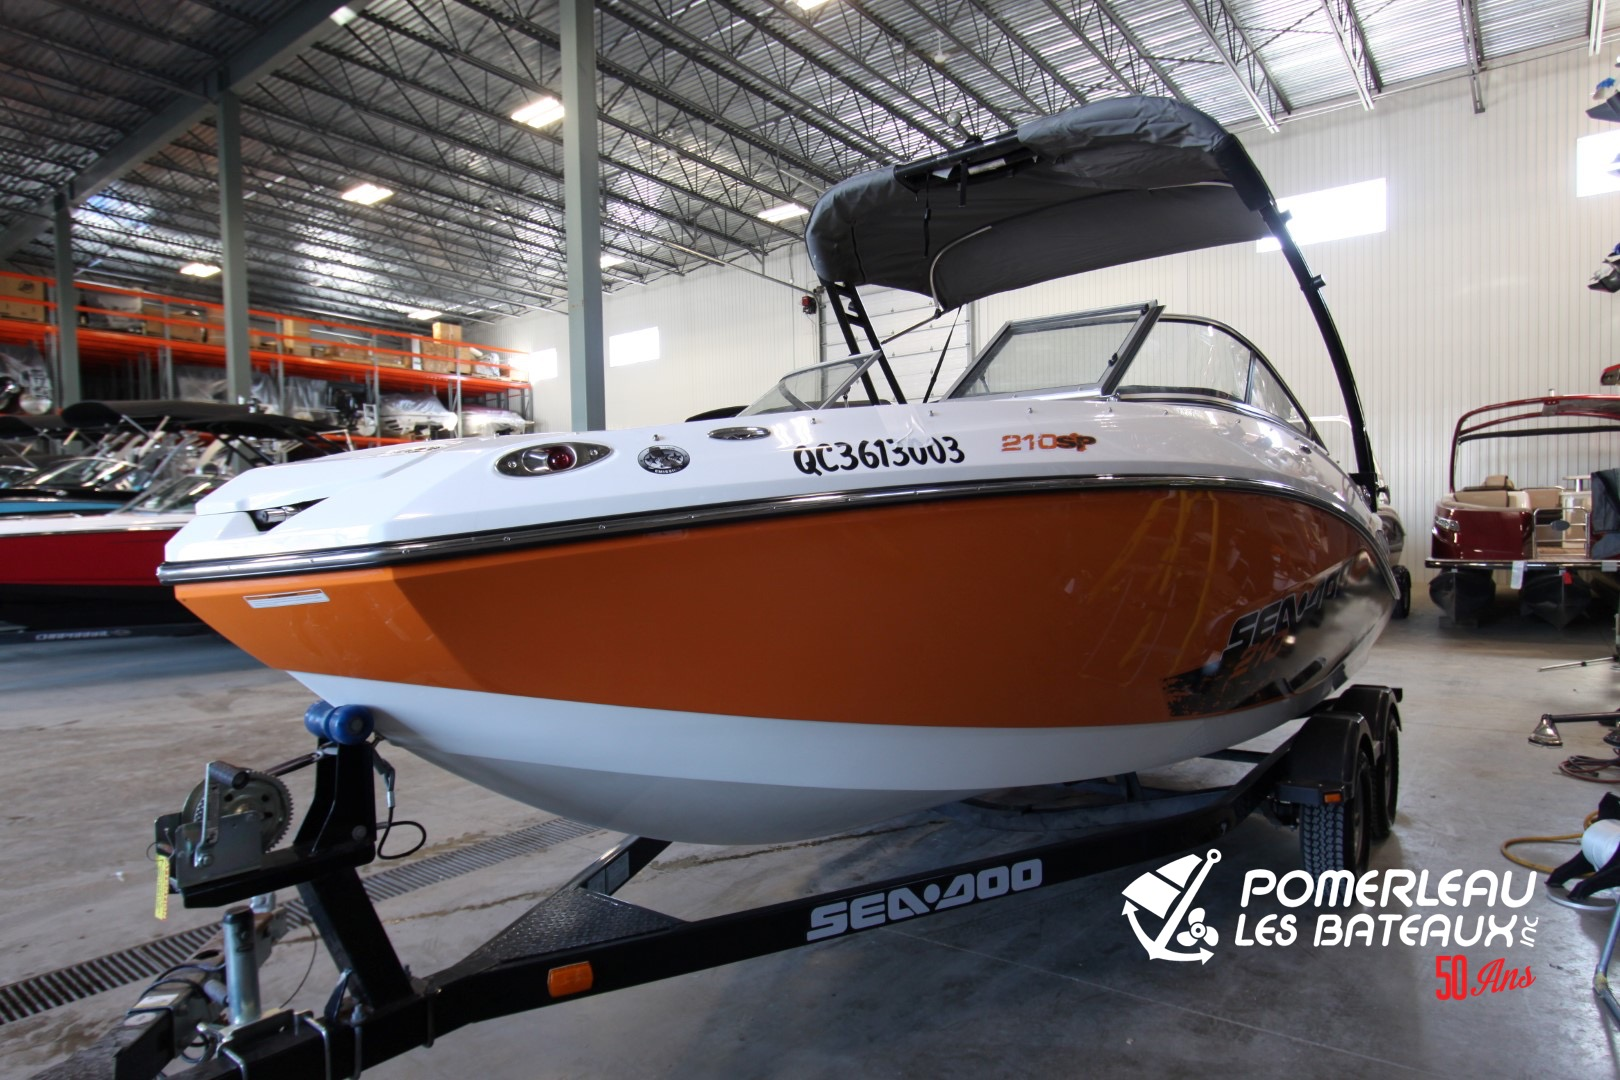 BRP Sea doo Challenger 210 - IMG_7856